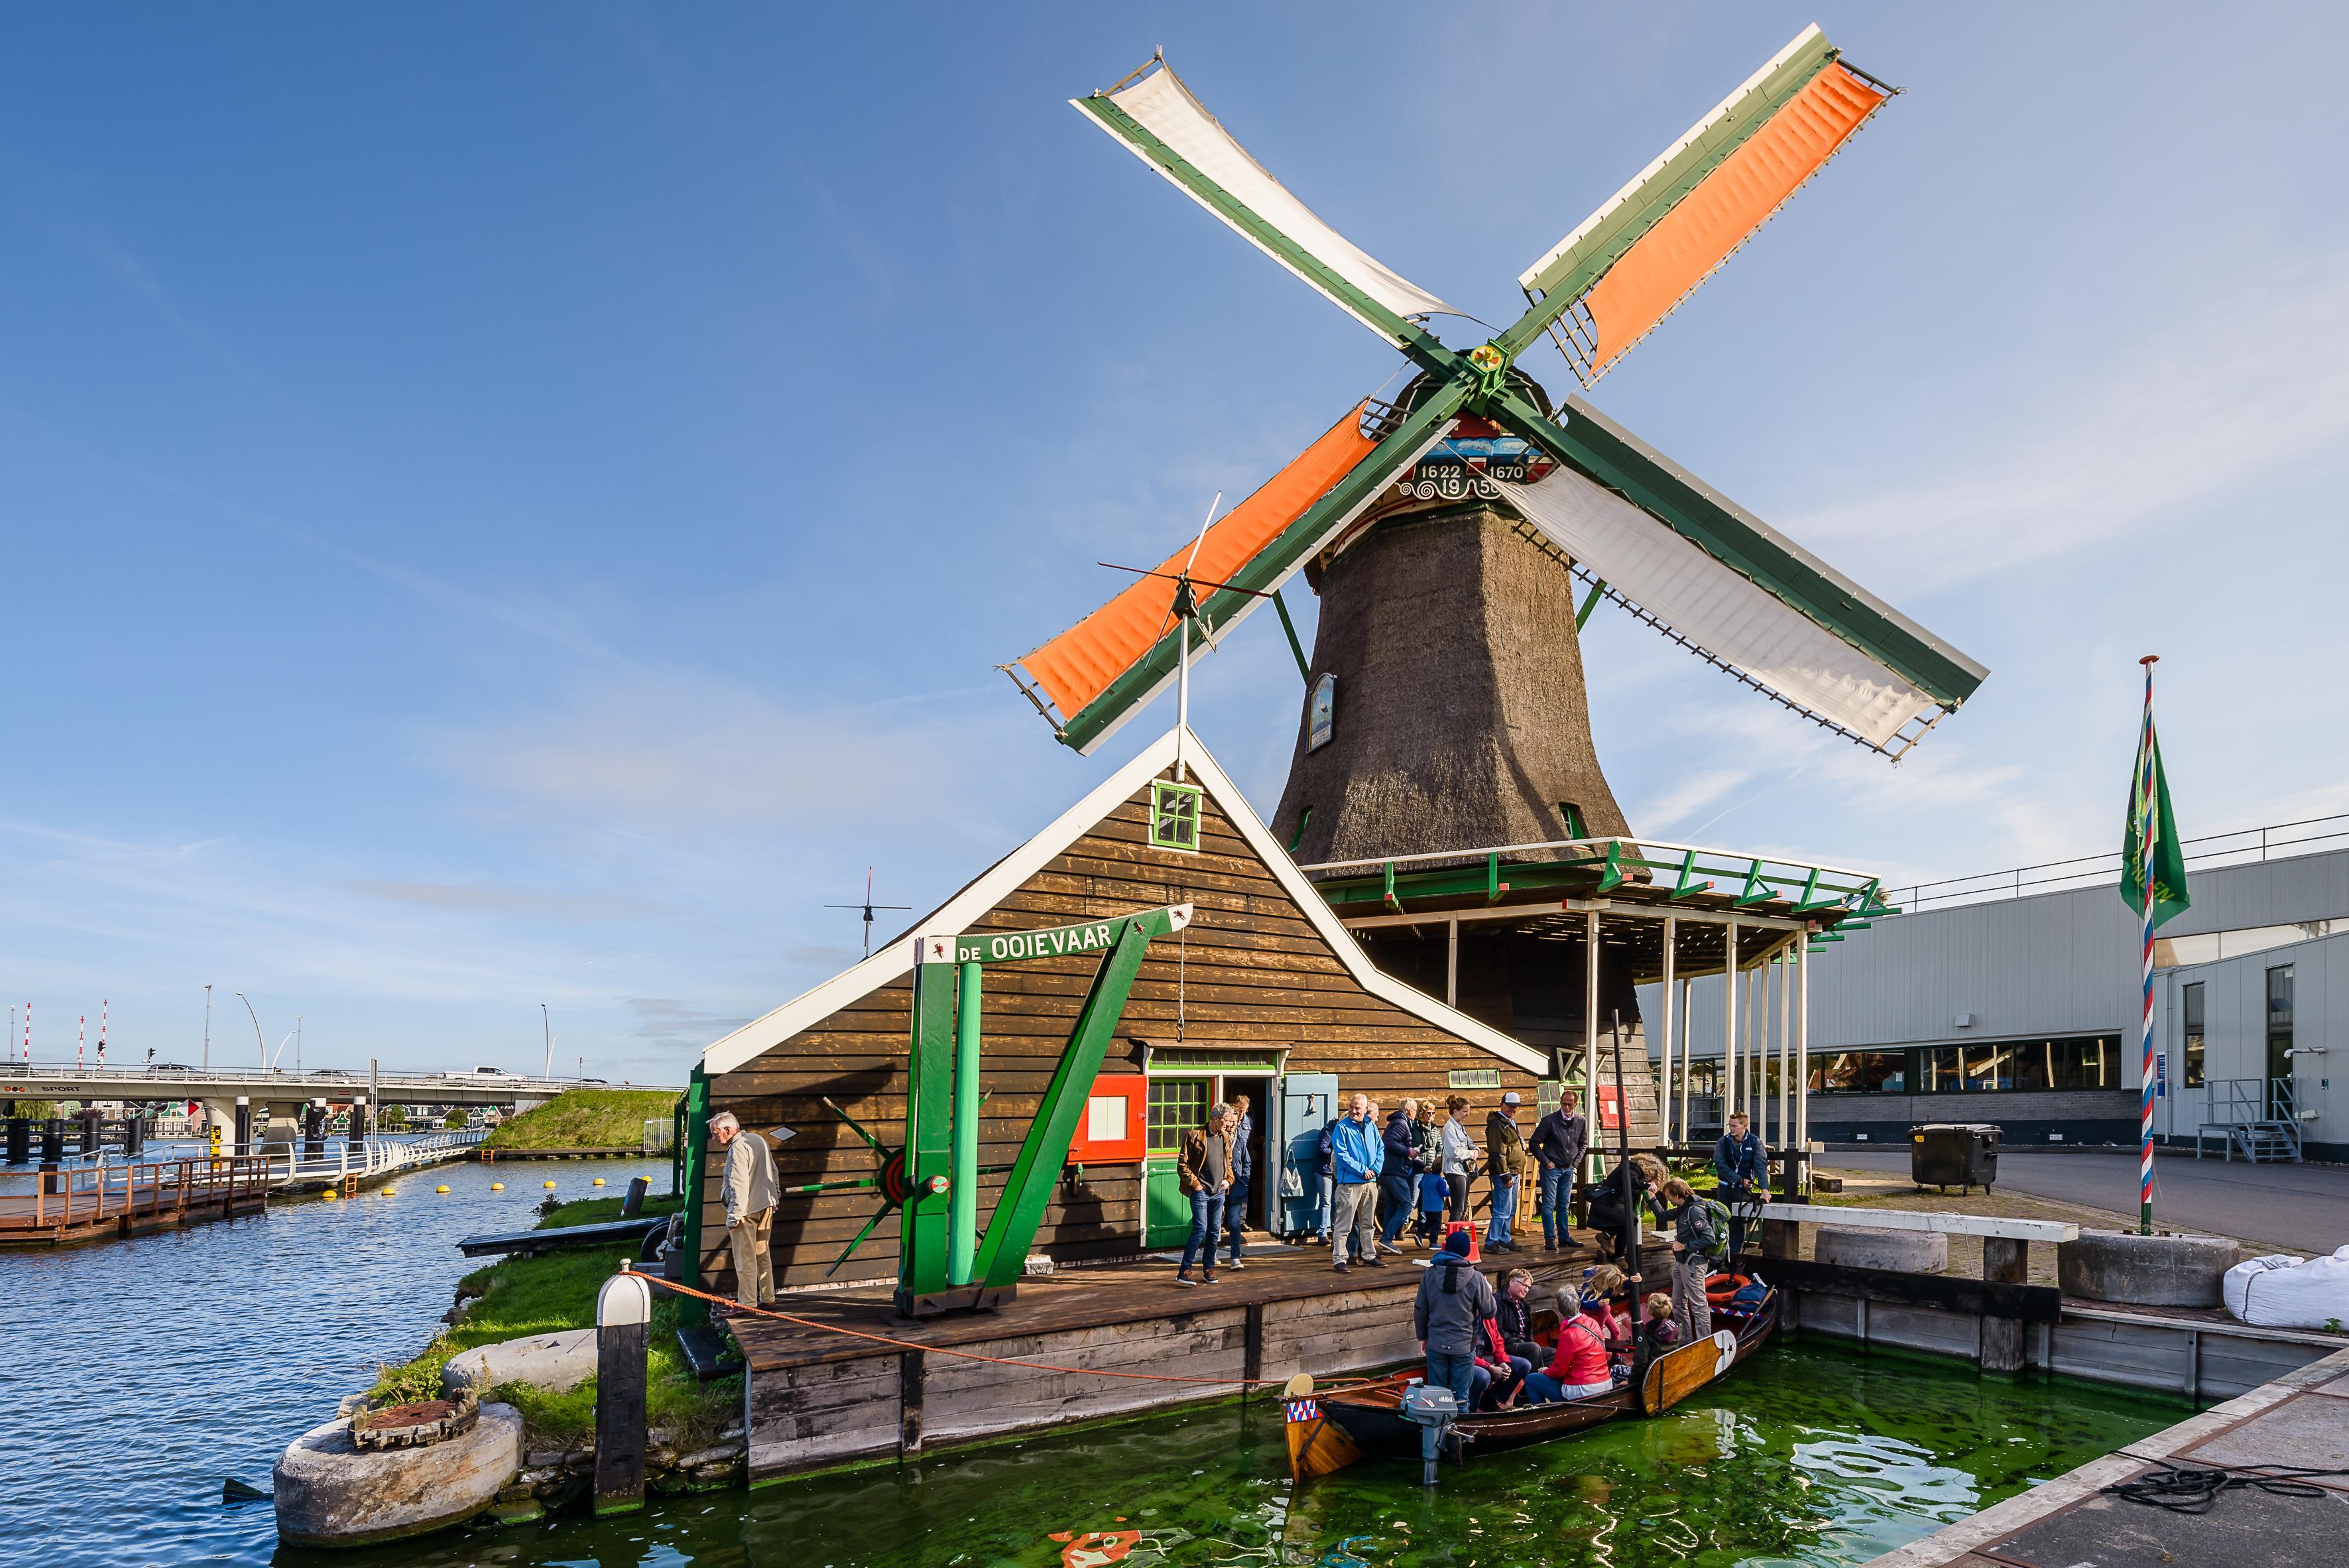 Elf miljoen coronasteun voor honderd Noord-Hollandse musea, podia, bibliotheken, festivals en andere culturele instellingen